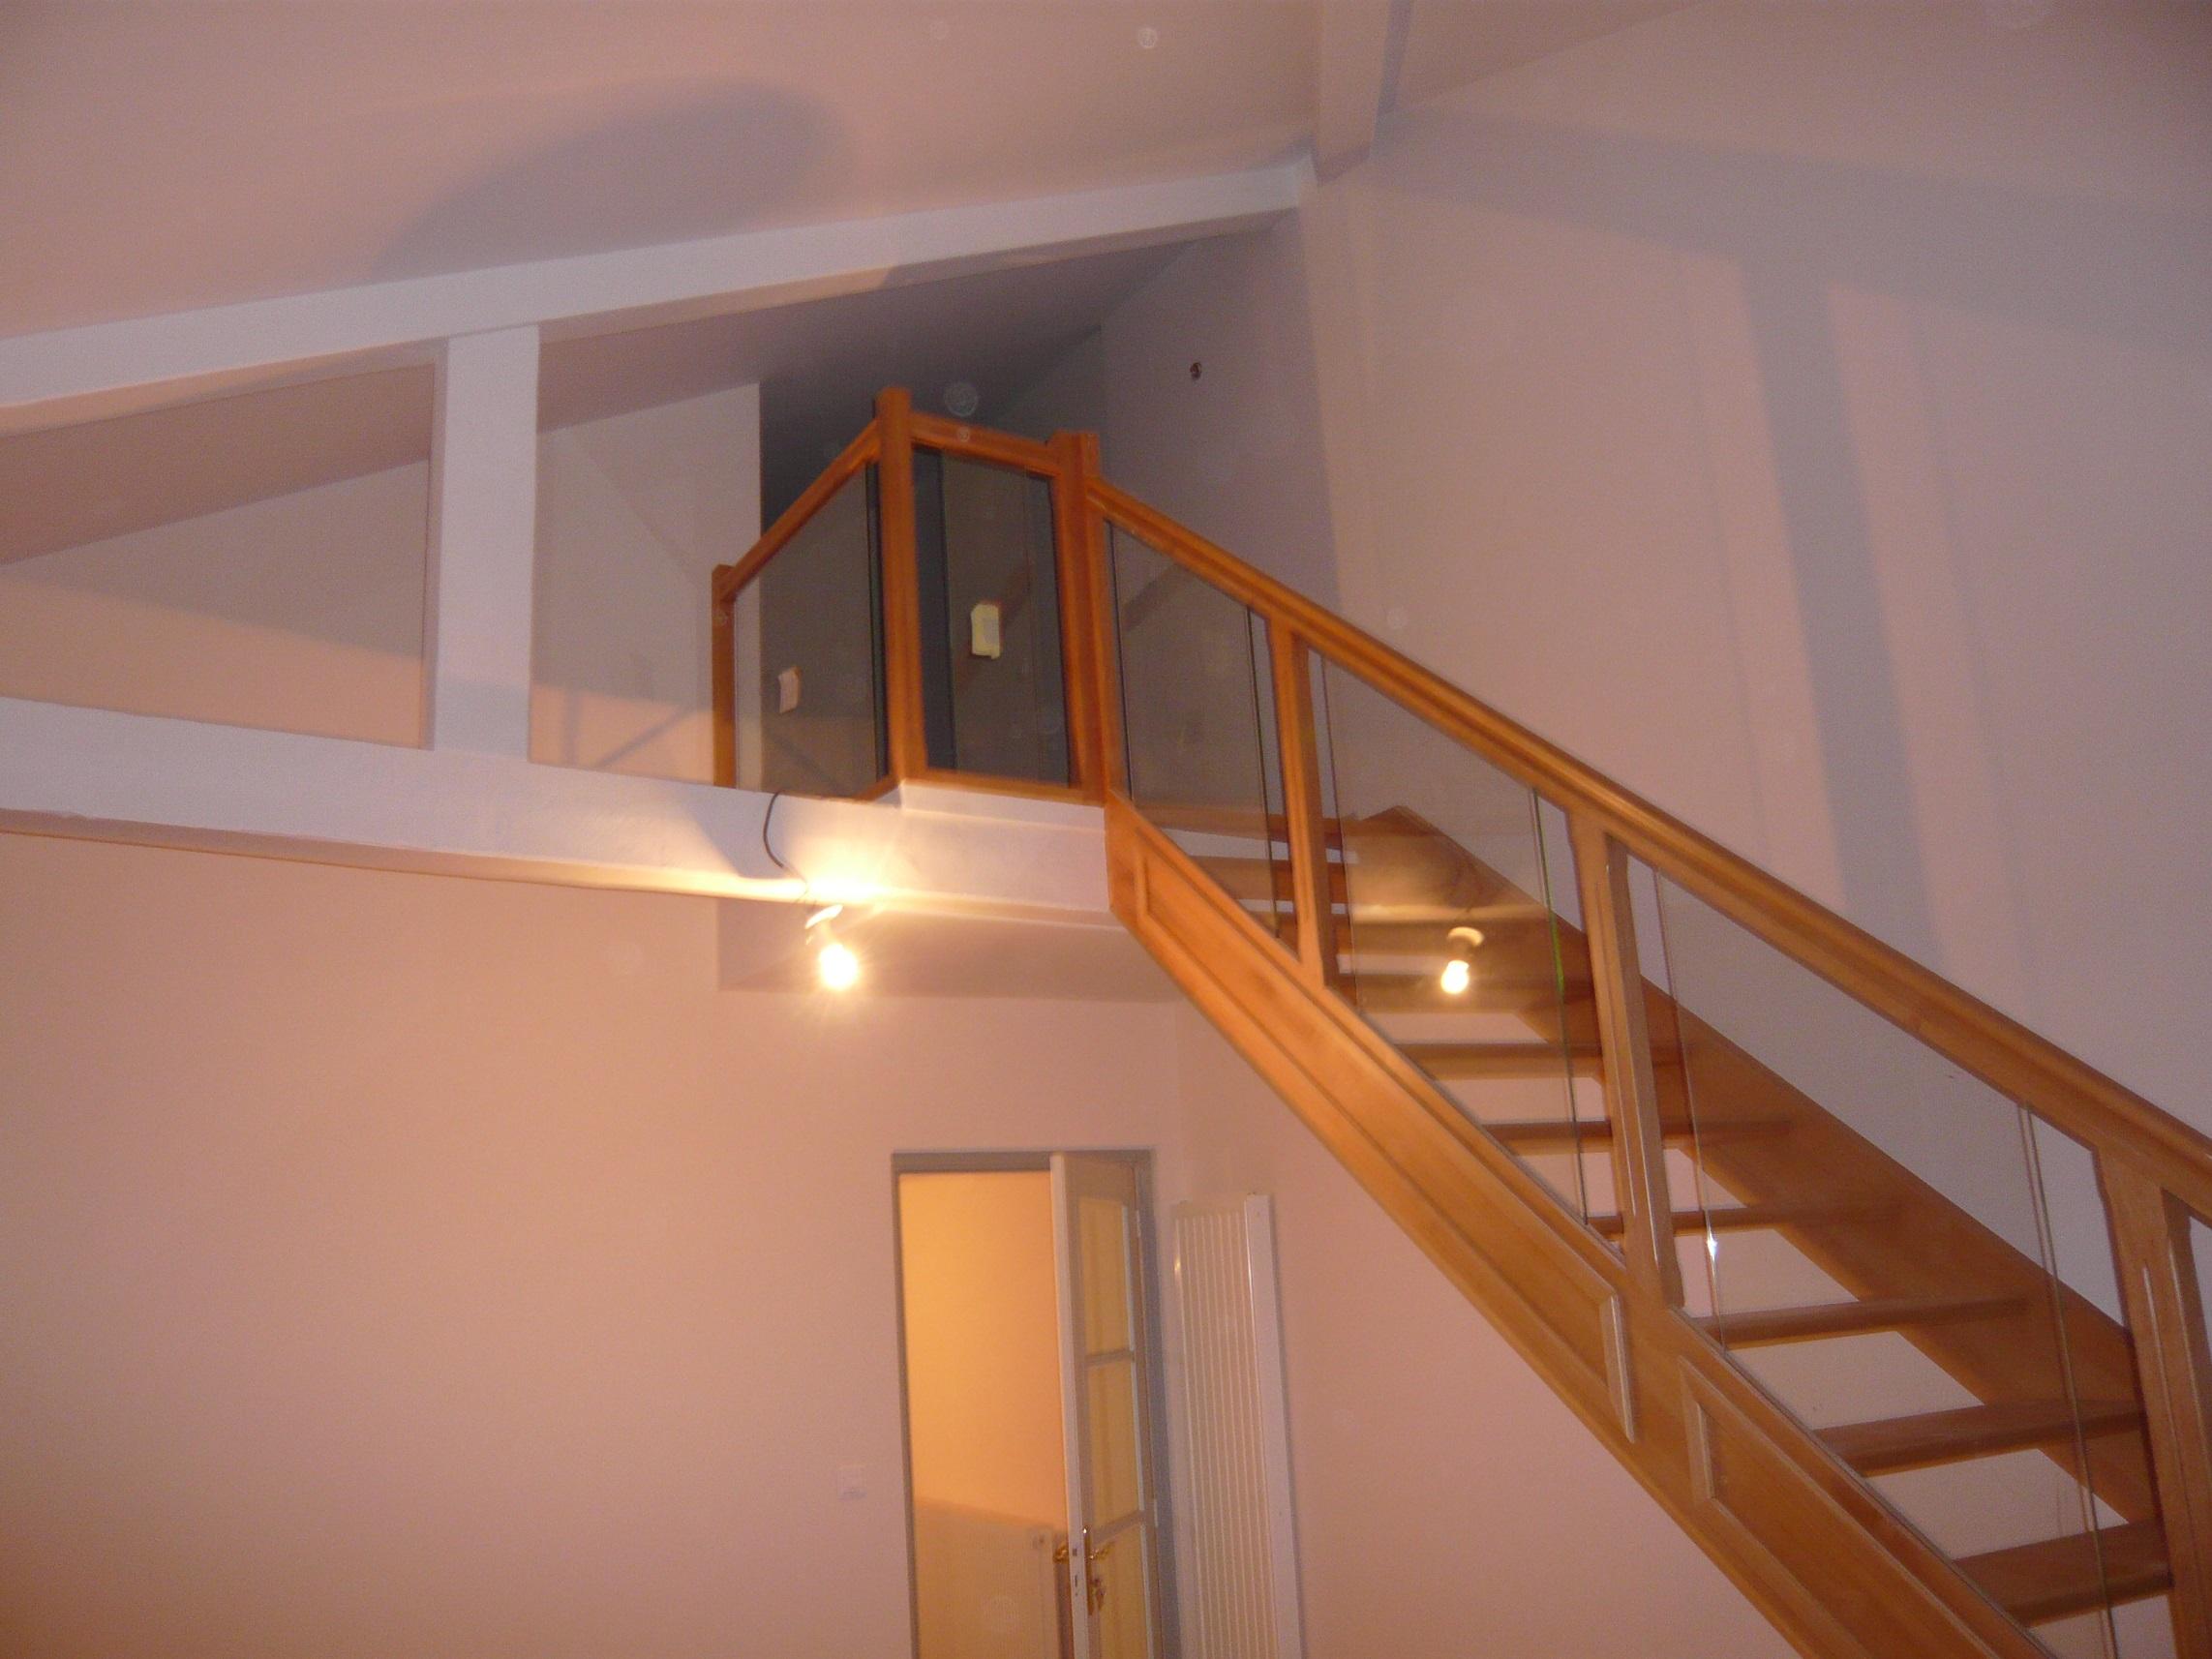 Escalier rambarde verre